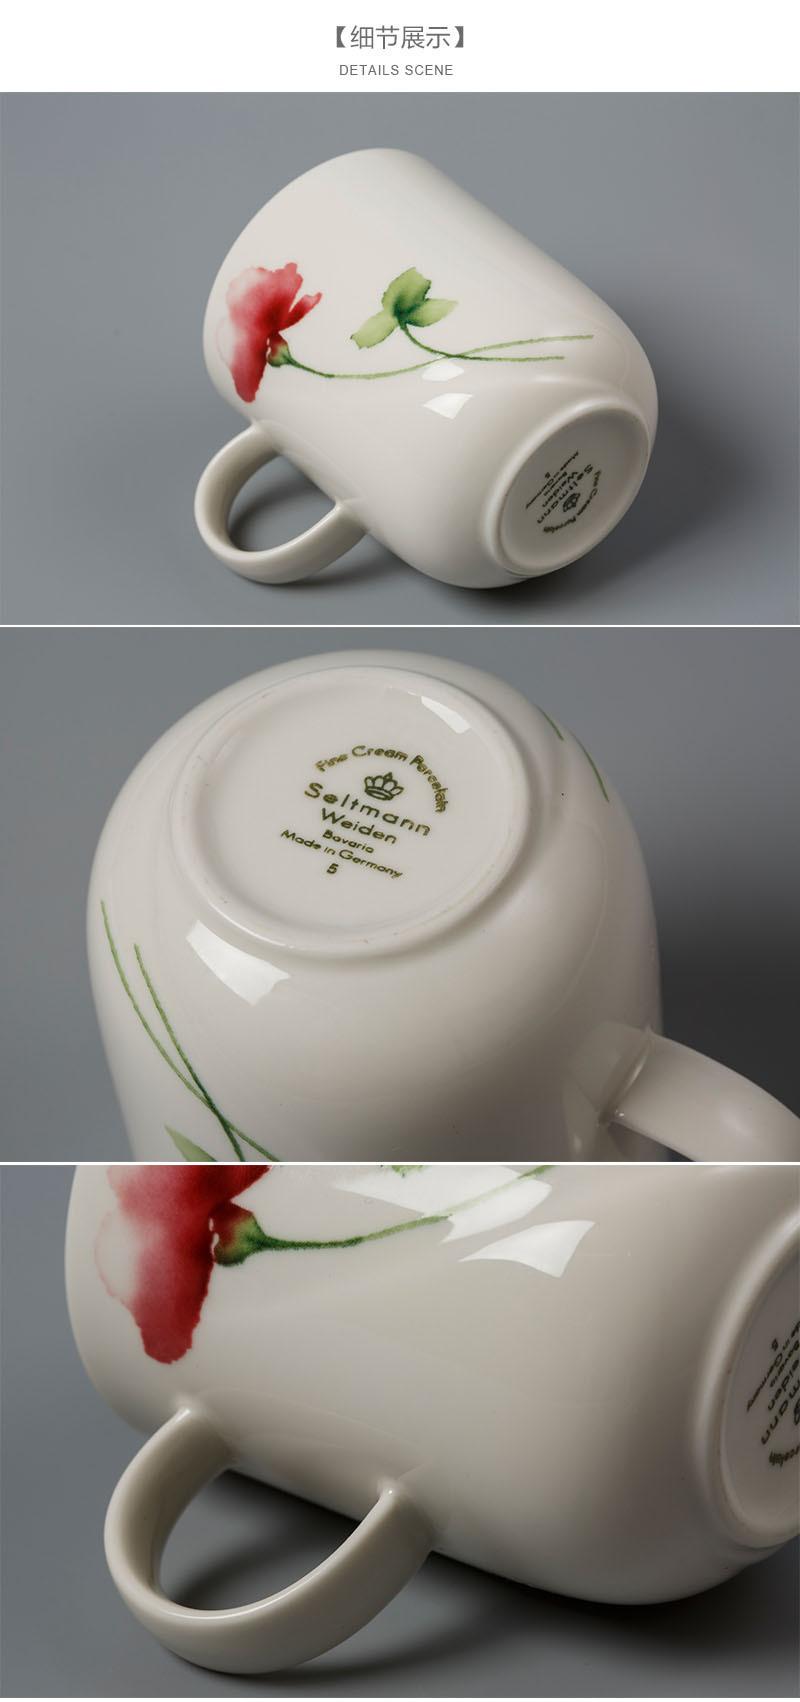 德国原产Seltmann Weiden陶瓷茶杯水杯细节展示